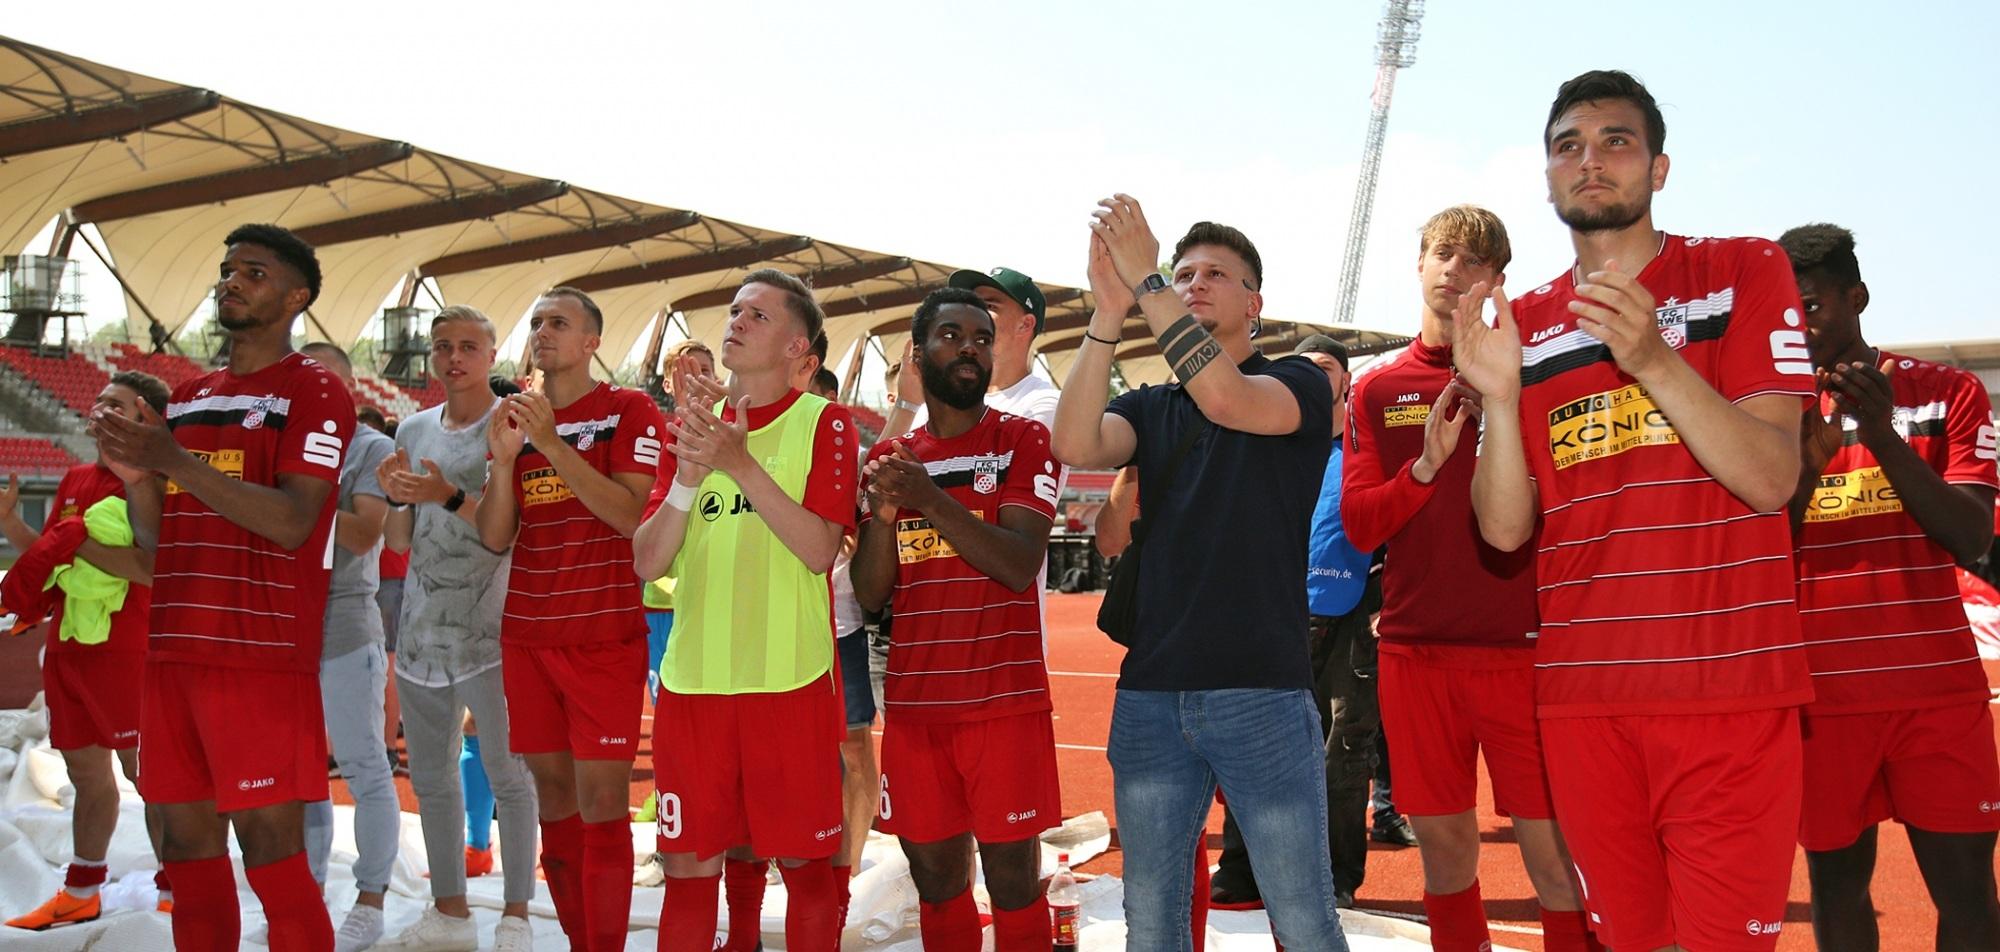 Rot-Weiß verabschiedet sich mit 1:3 gegen Würzburg aus der Liga